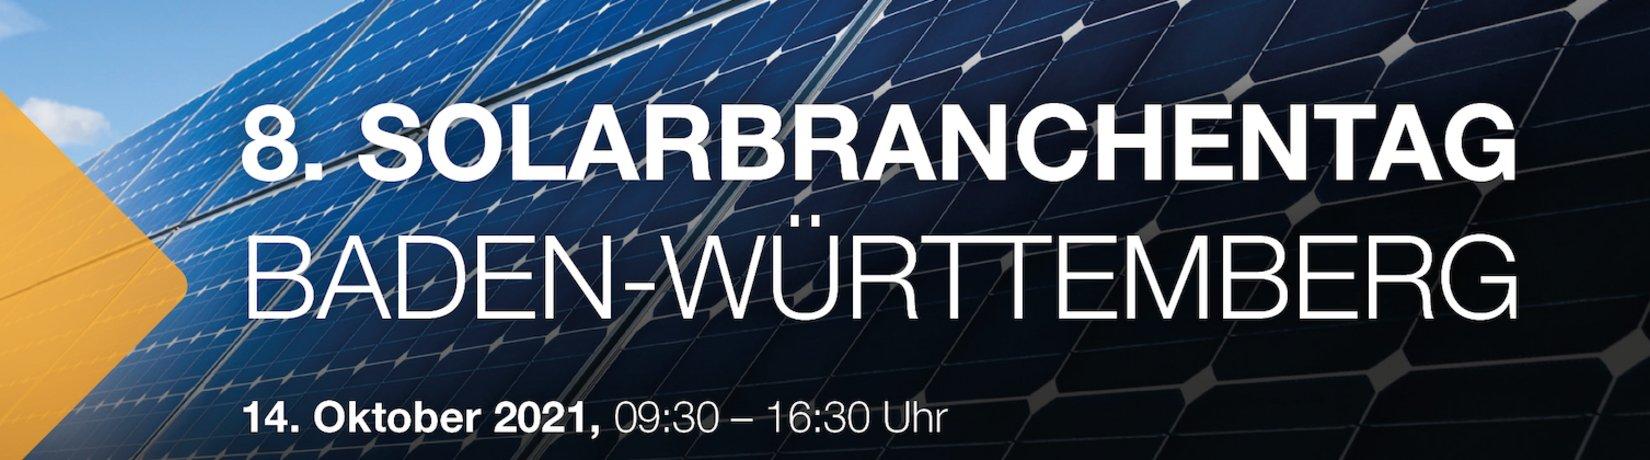 Banner 8. Solarbranchentag 2021